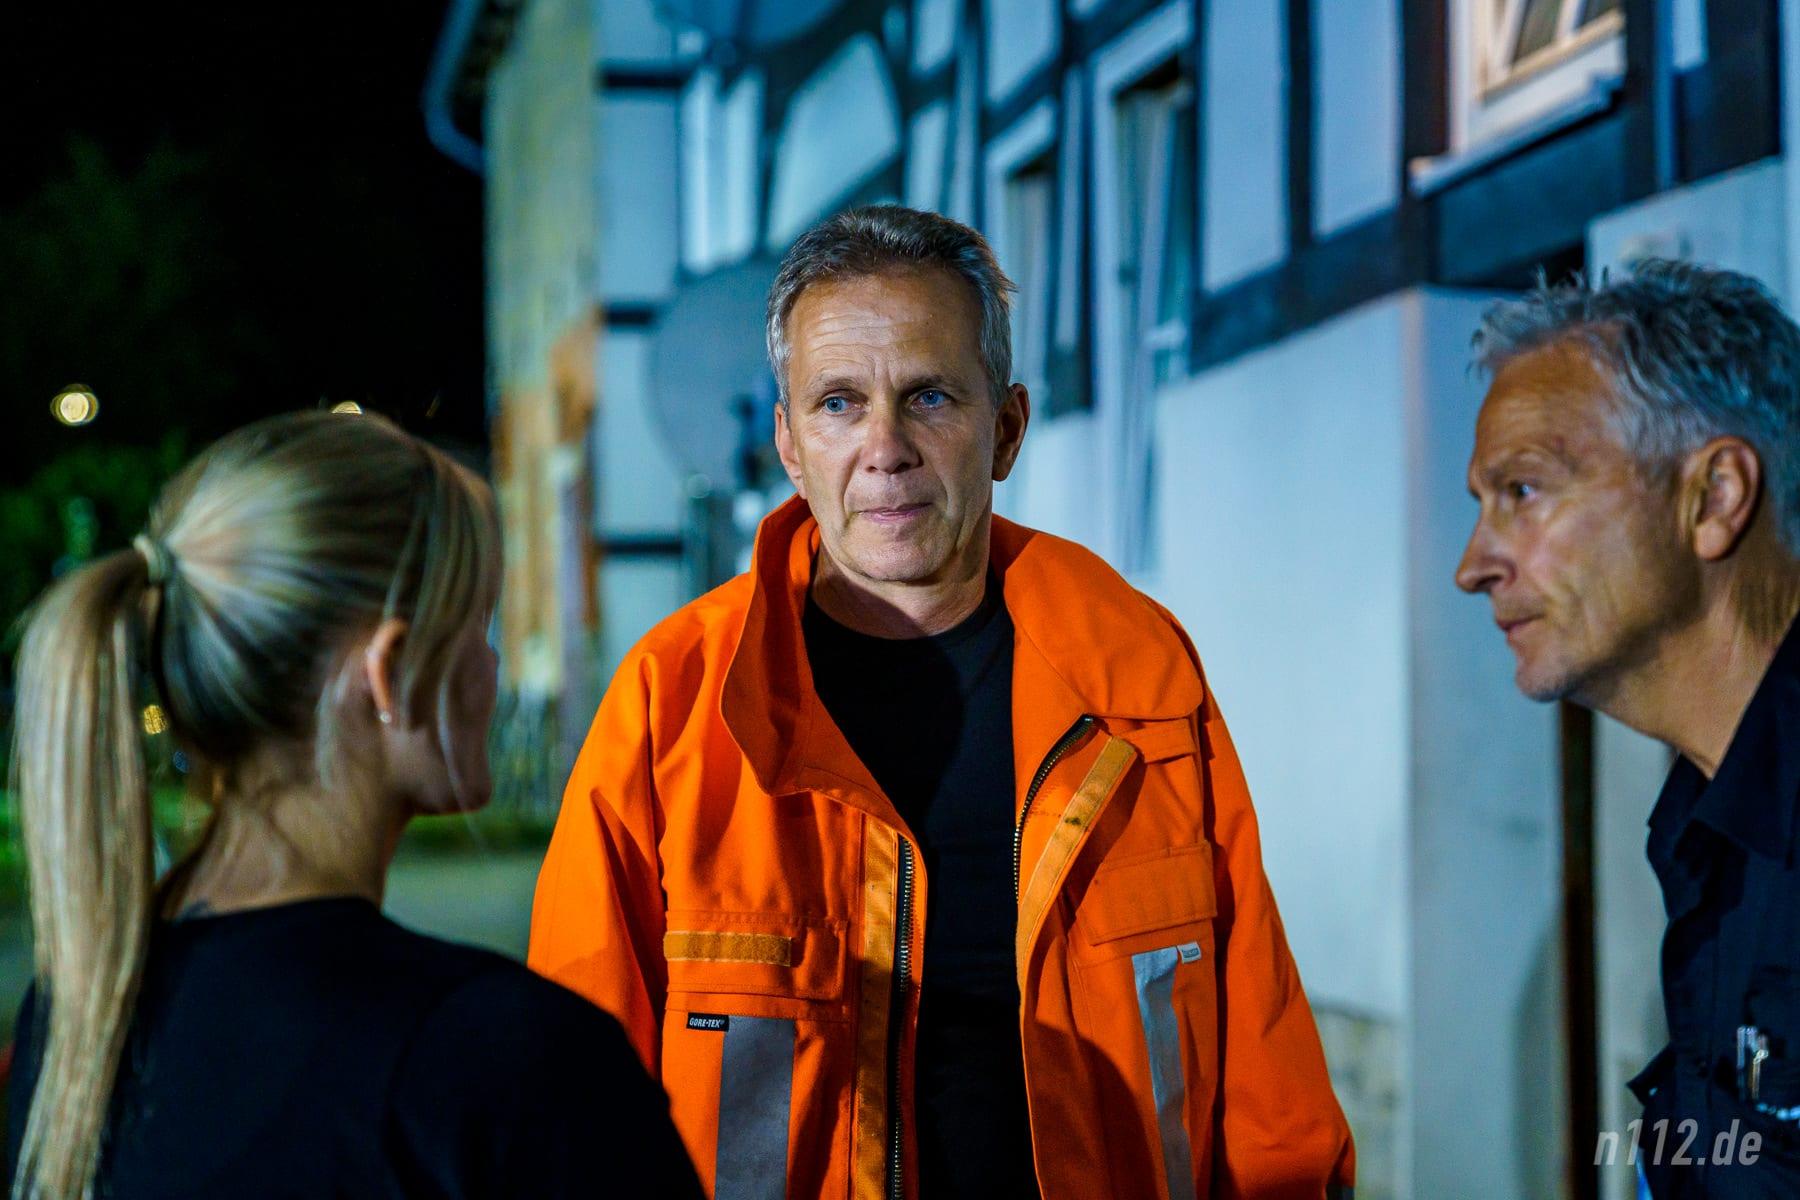 Bürgermeister Hartmut Büttner kam später als Vertreter der Kommune zur Einsatzstelle, um eine Unterbringung der Bewohner zu organisieren. (Foto: n112.de/Stefan Simonsen)